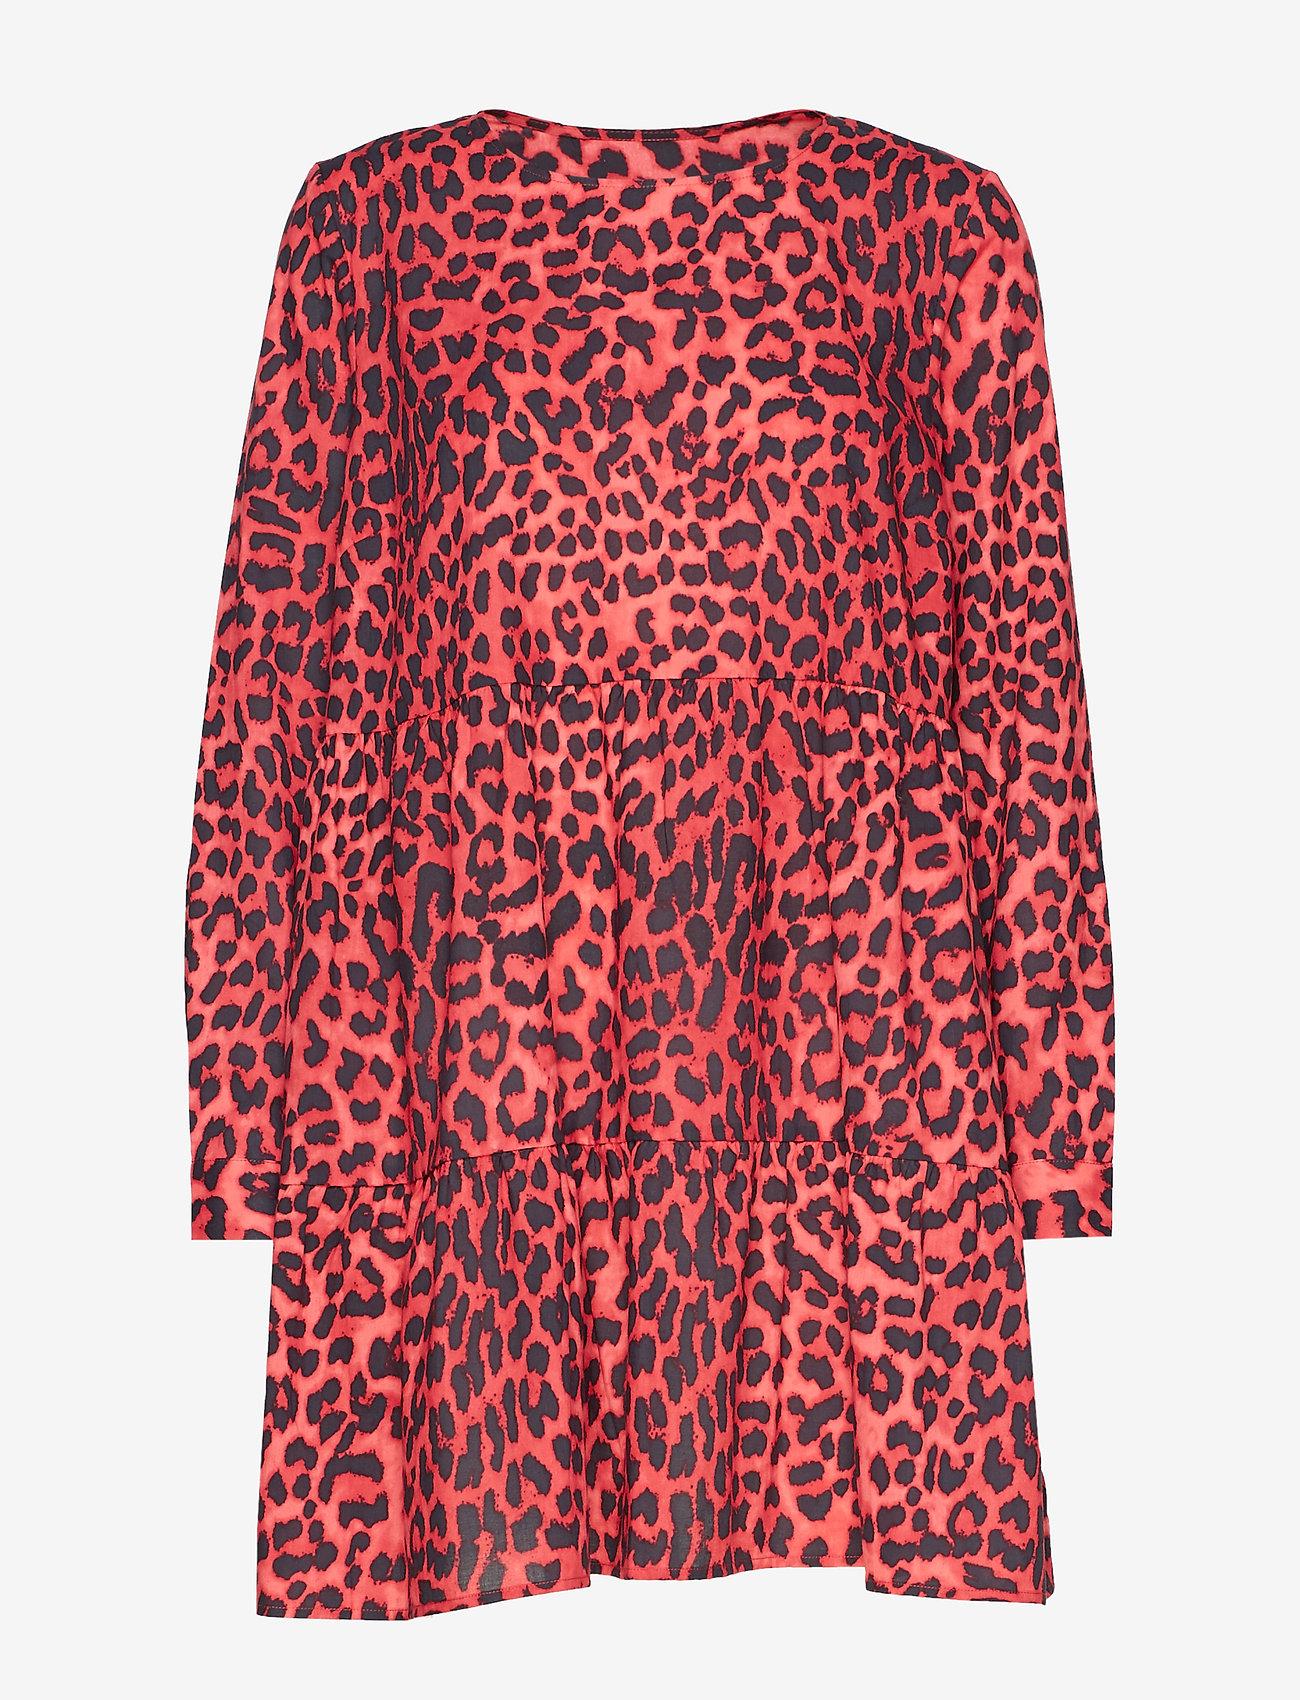 Enharry Ls O-n Dress Aop 6629 (Scarlet Leo) (270 kr) - Envii tJsey2qc